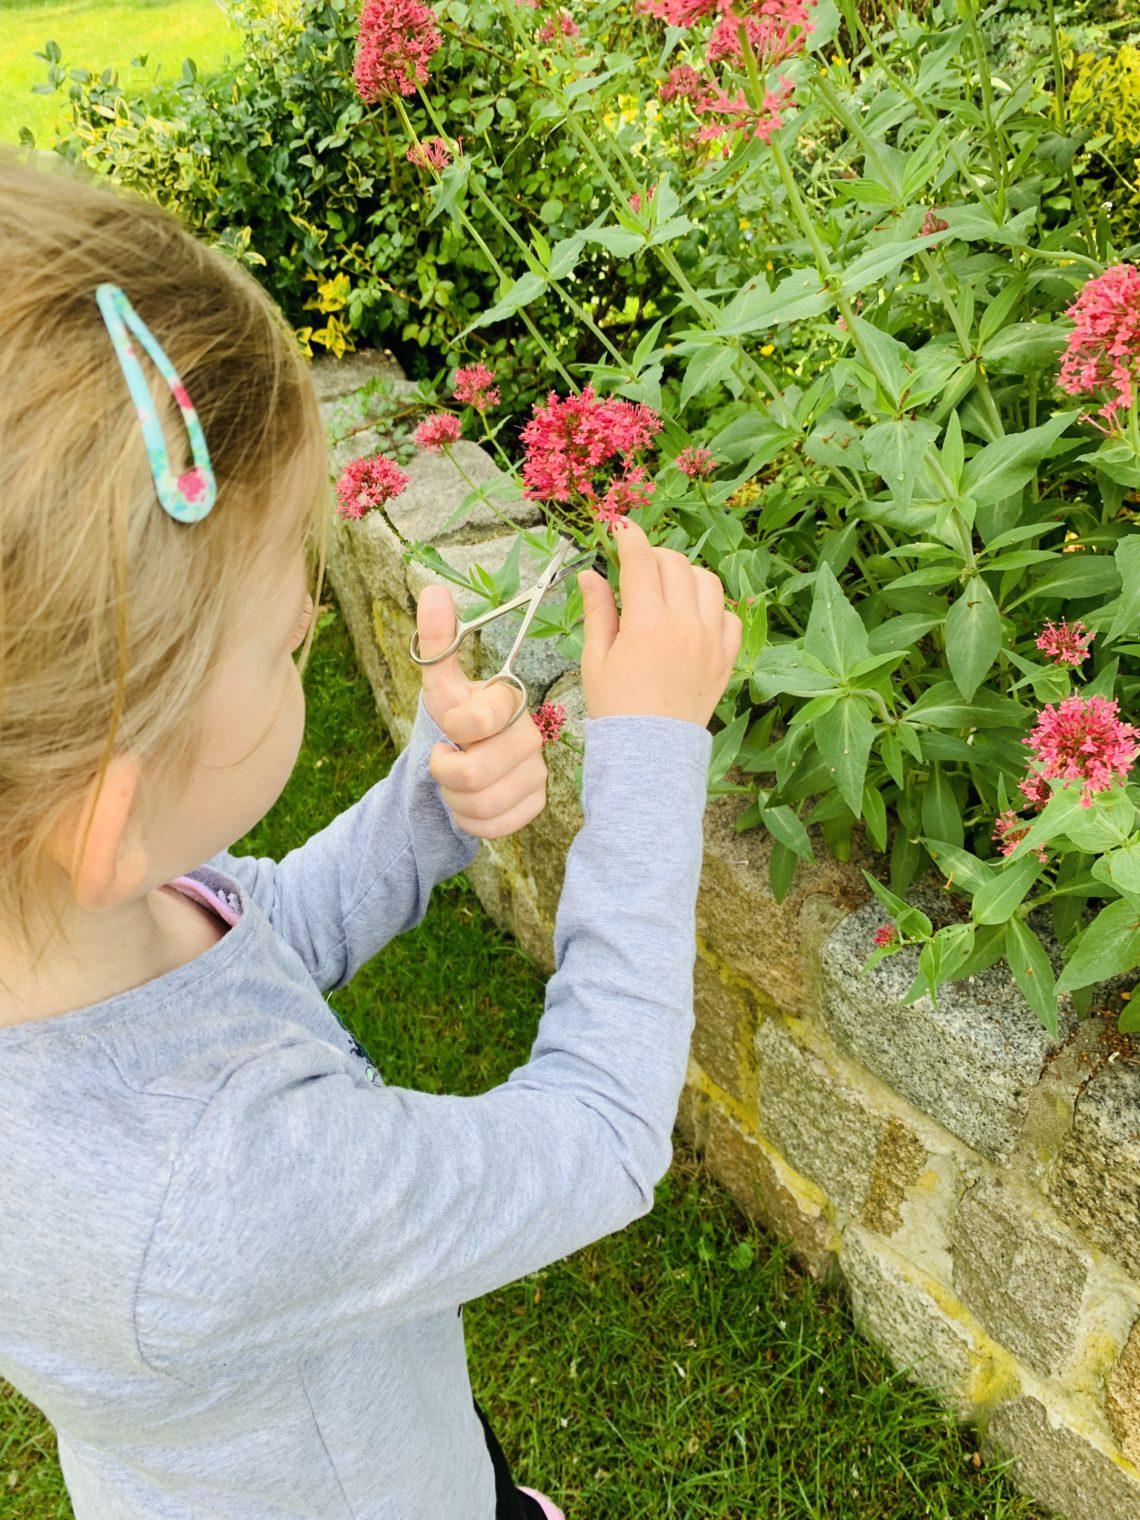 Mädchen schneidet Blüten ab